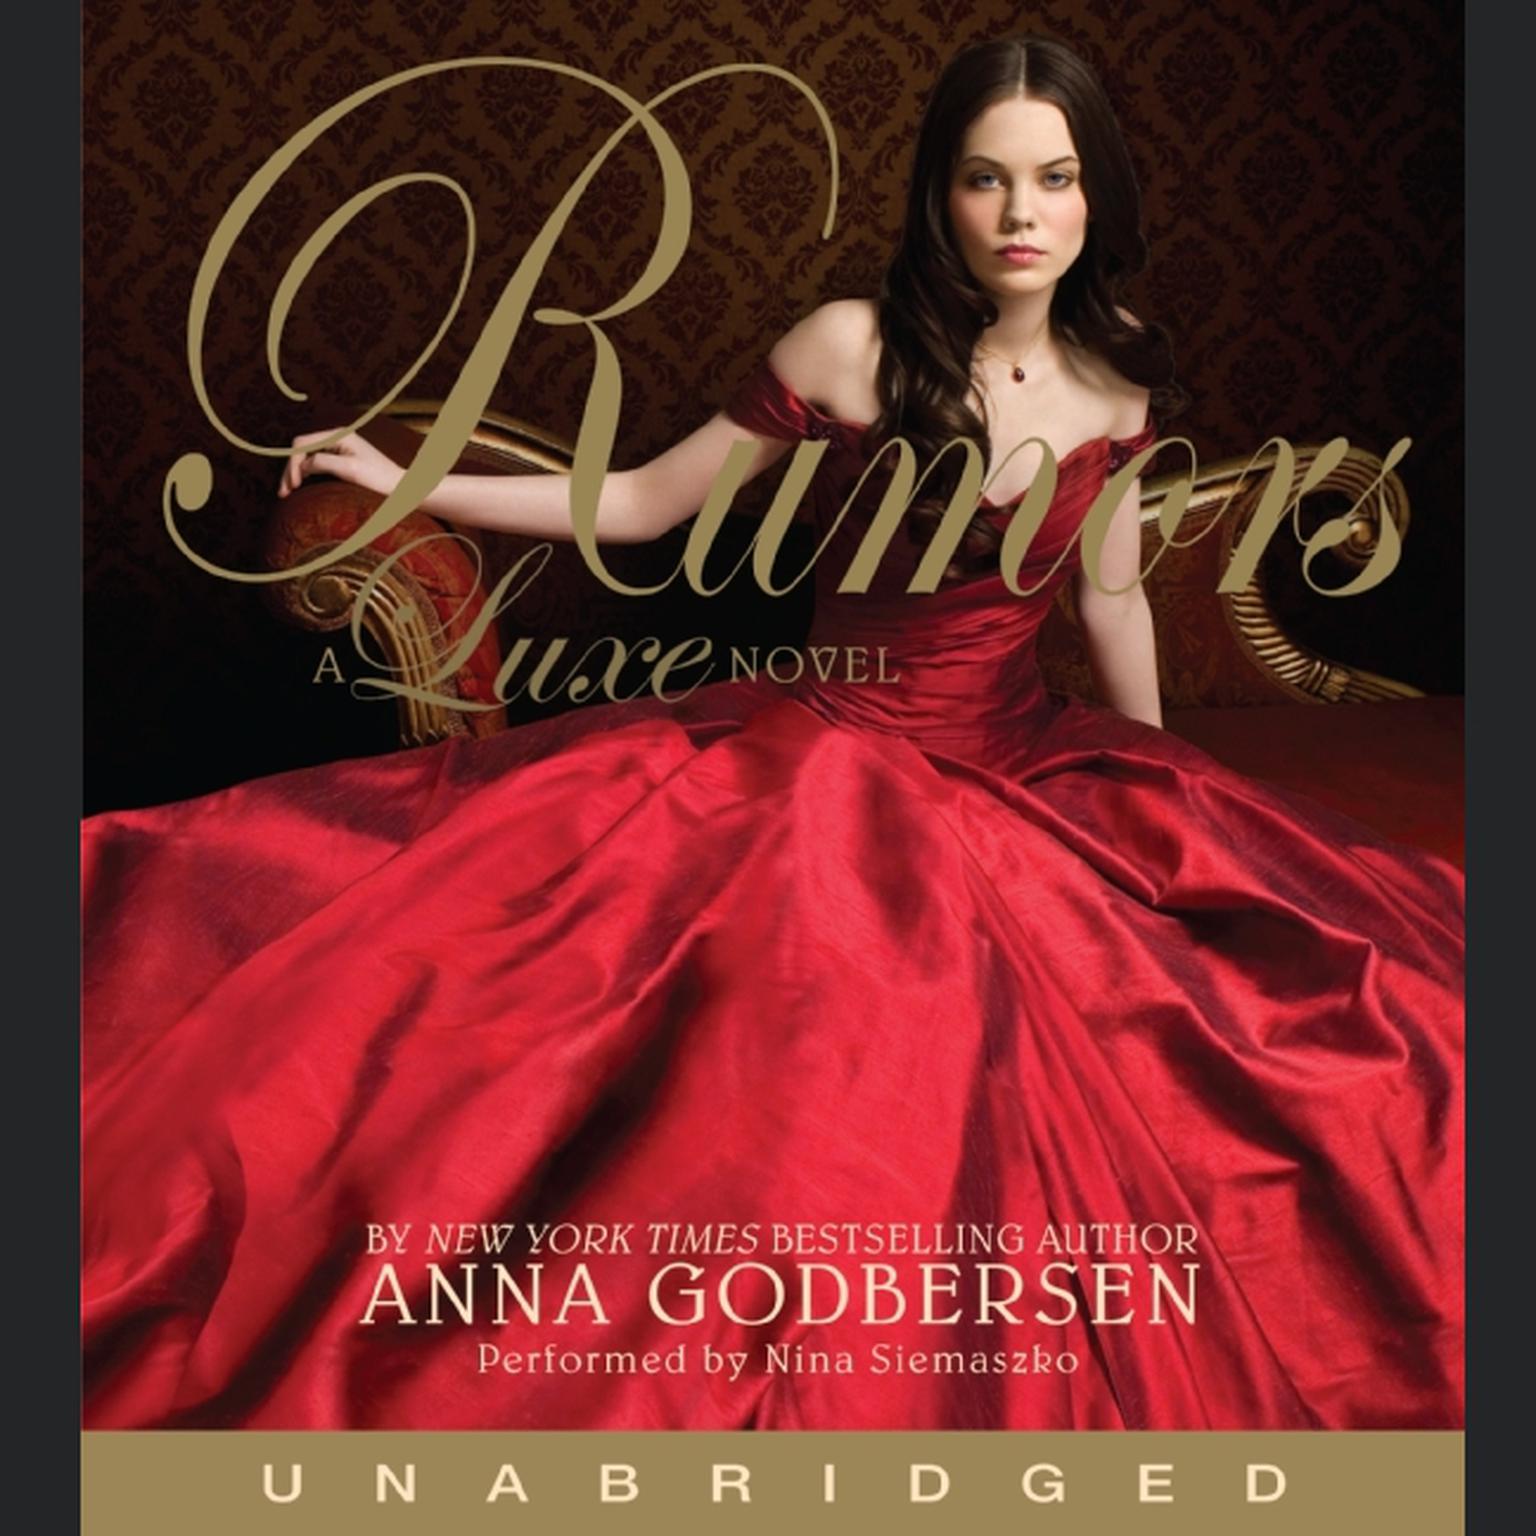 Rumors: A Luxe Novel Audiobook, by Anna Godbersen